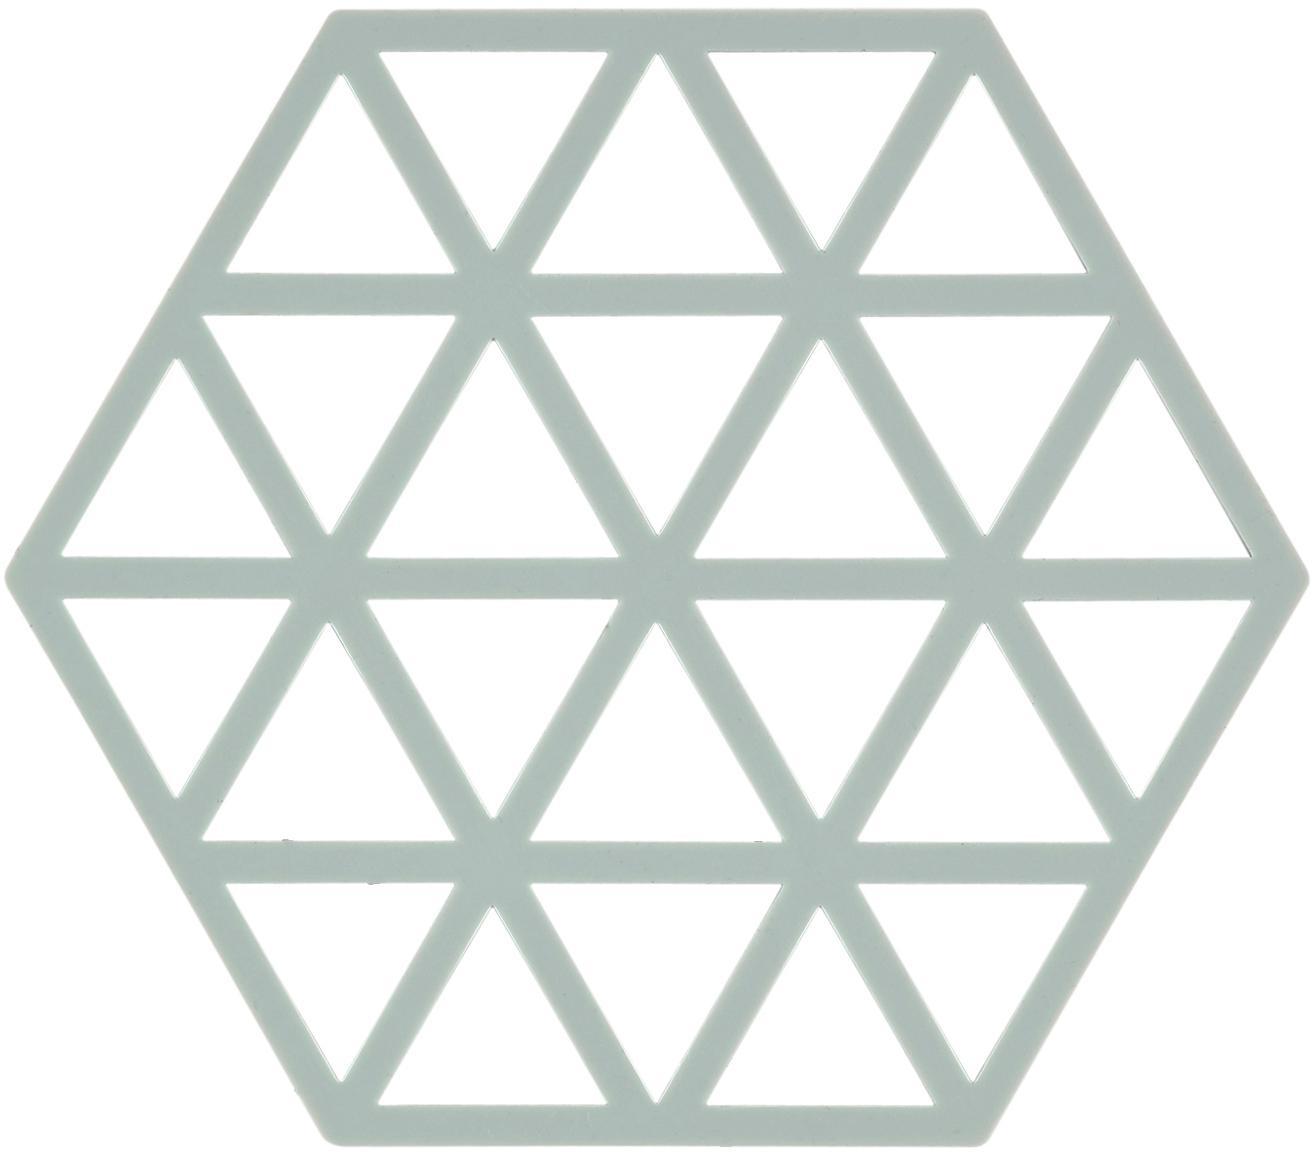 Salvamanteles de silicona Triangle, 2uds., Silicona, Azul pastel, An 14x F 16 cm